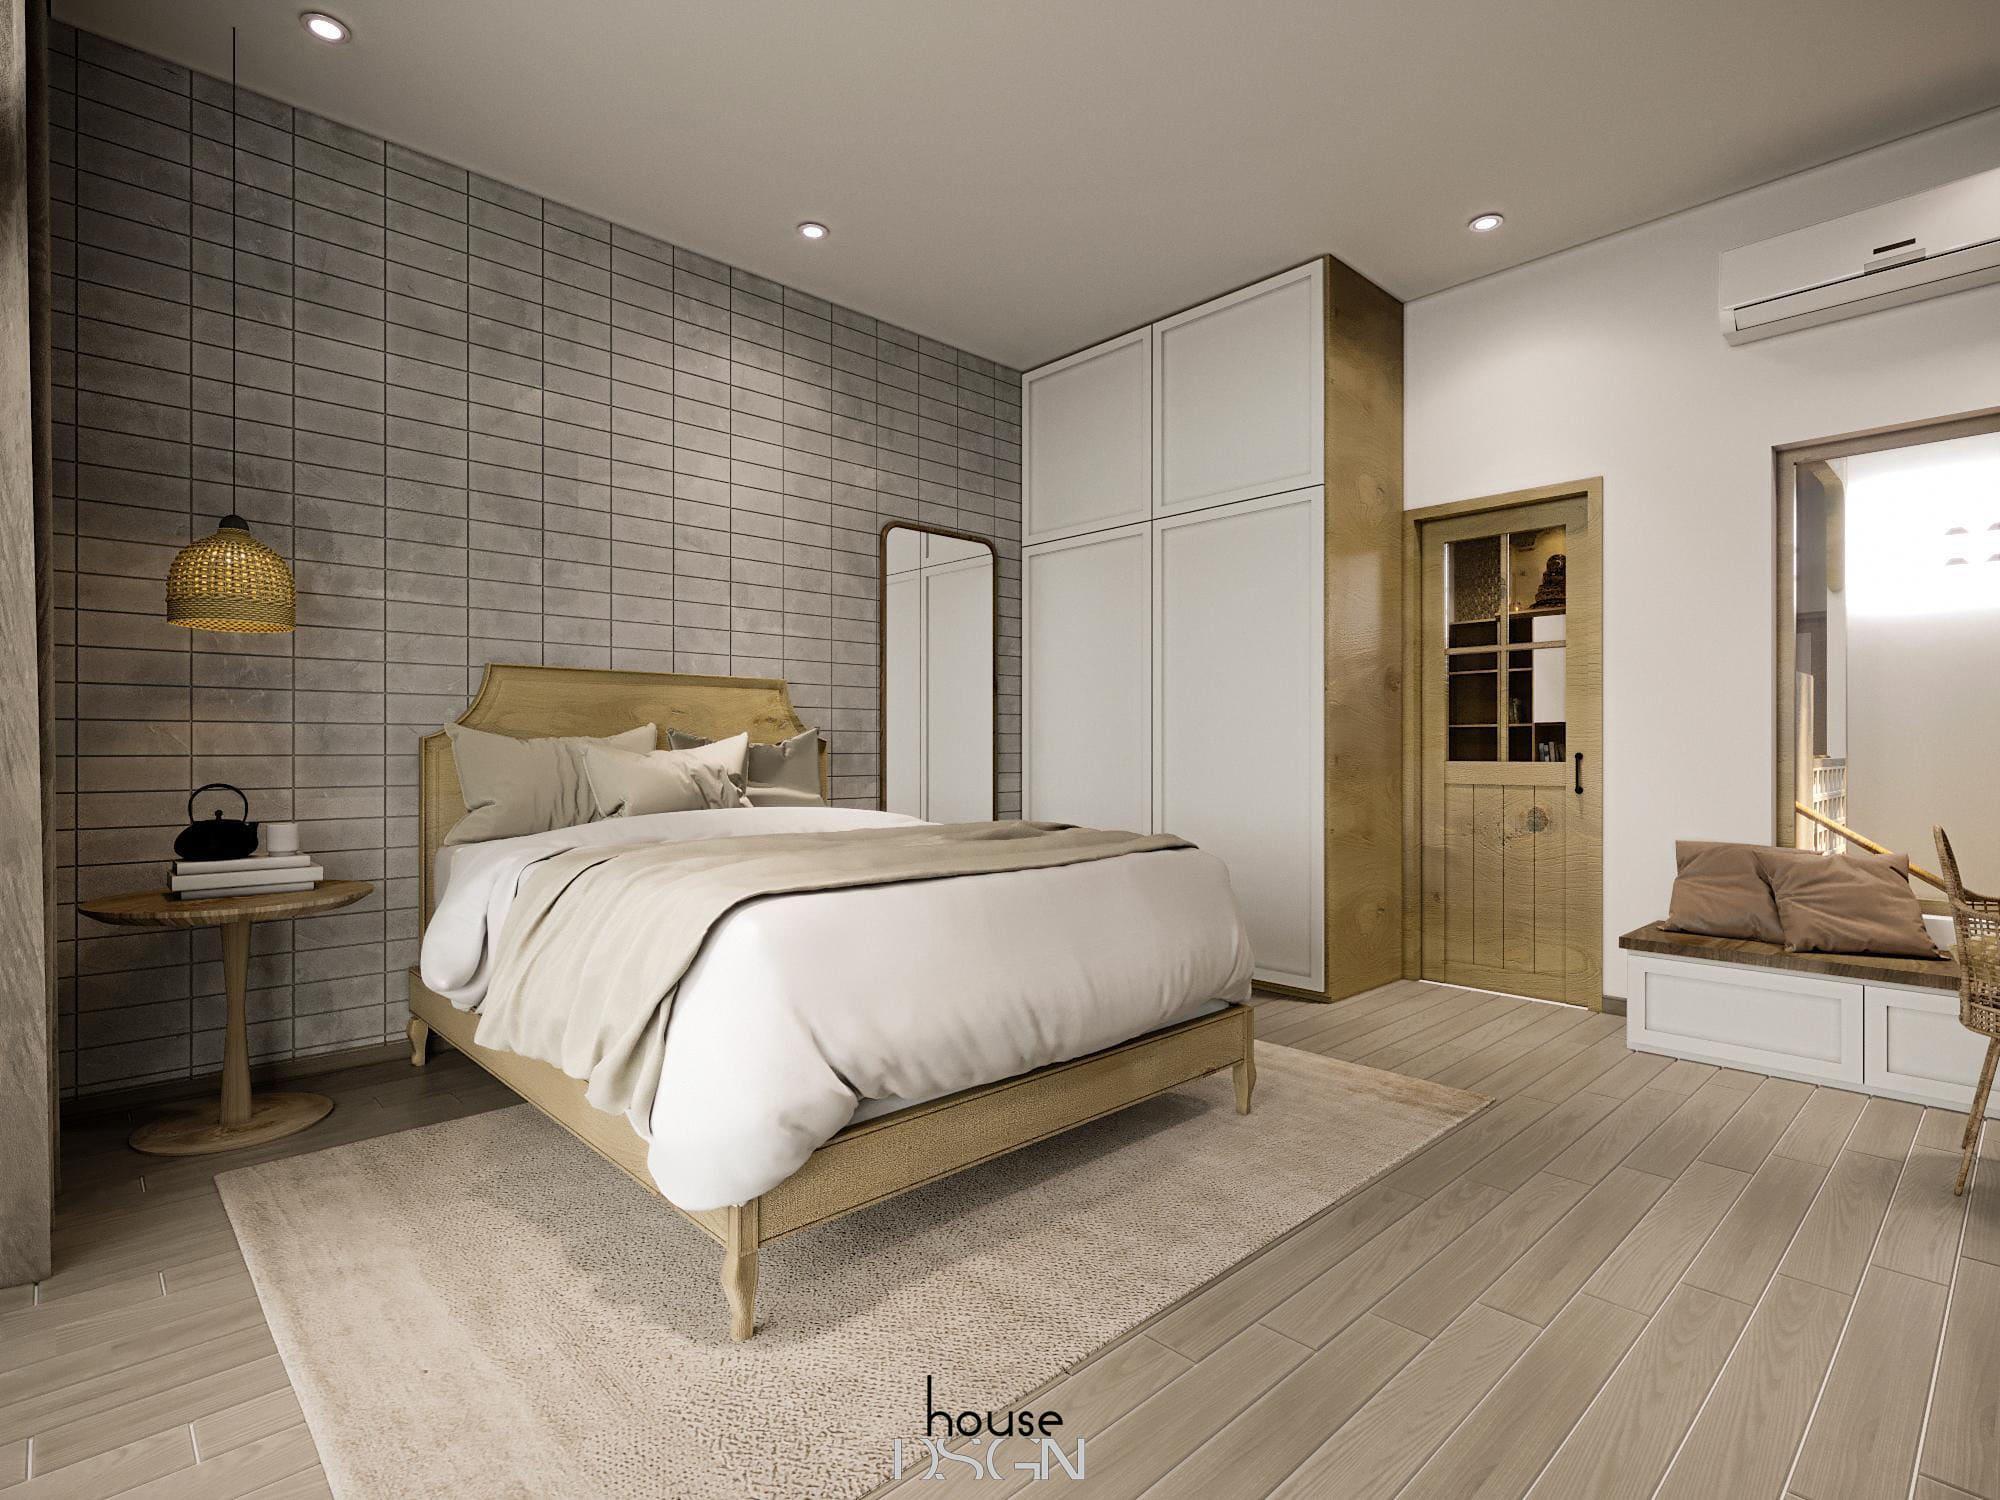 thiết kế nội thất nhà phố cho phòng ngủ đẹp